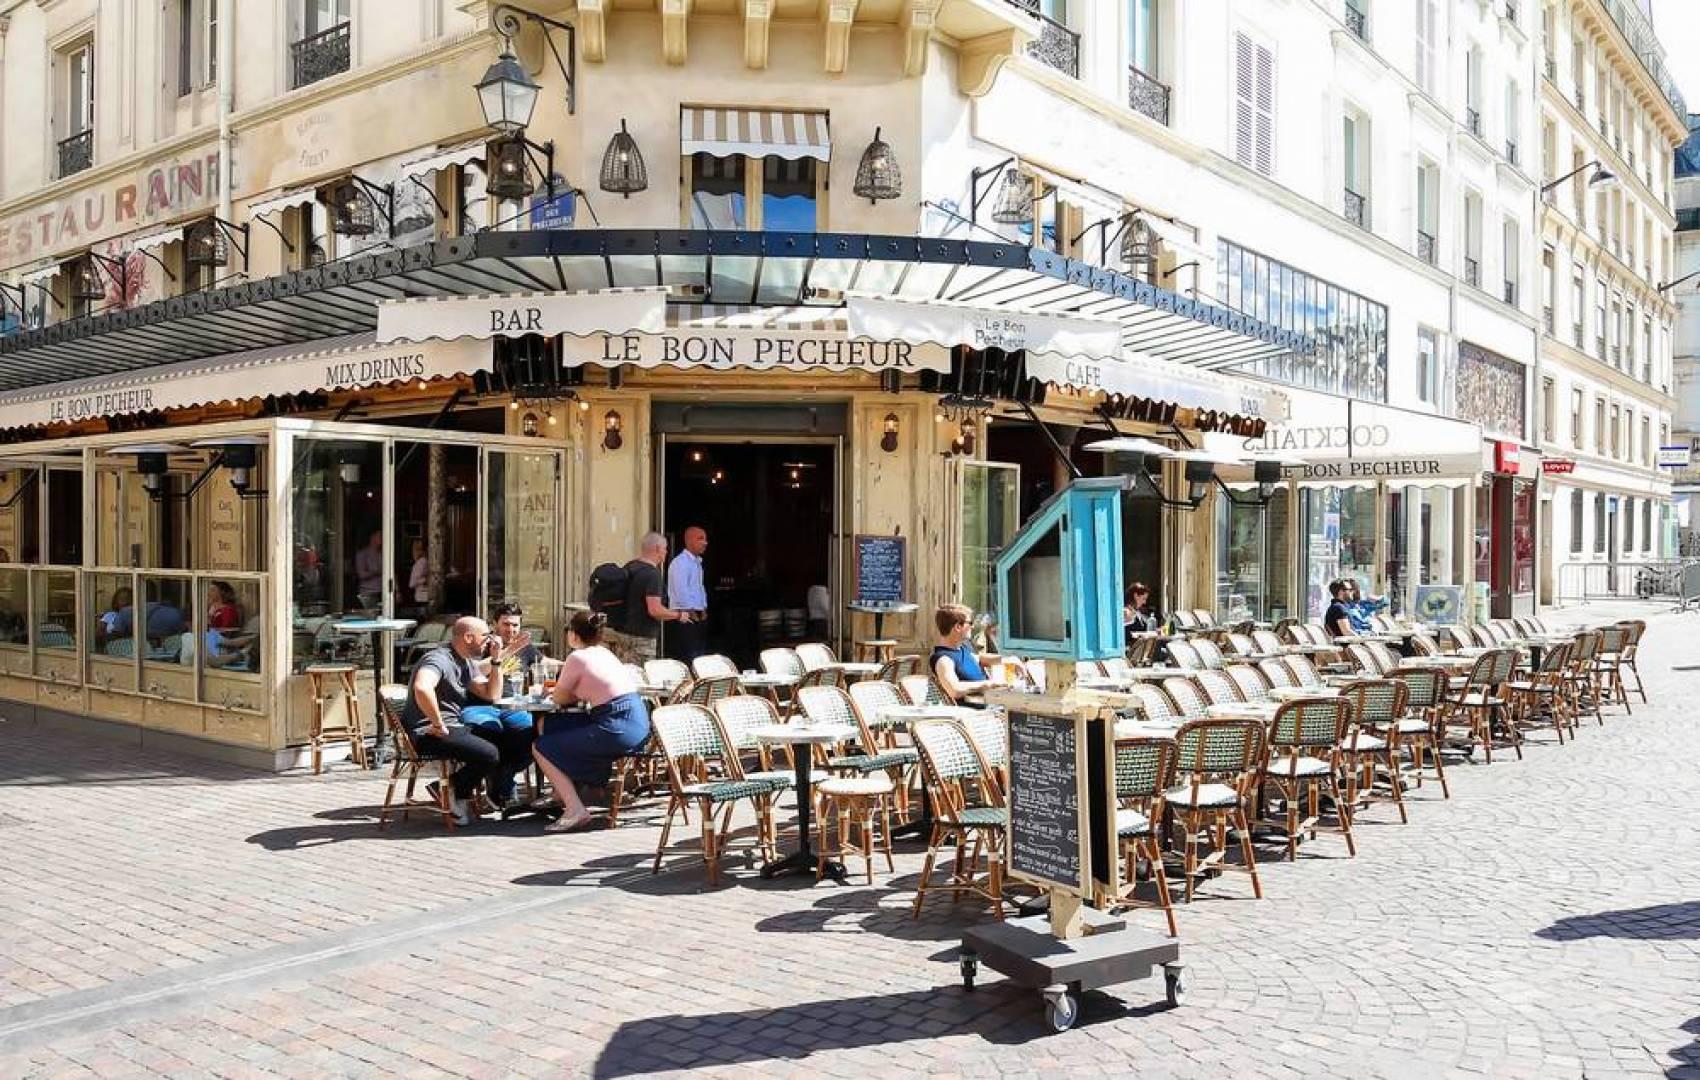 أكبر المطاعم الفرنسية تطلق مبادرة لدعوة الطواقم الطبية لتناول الطعام